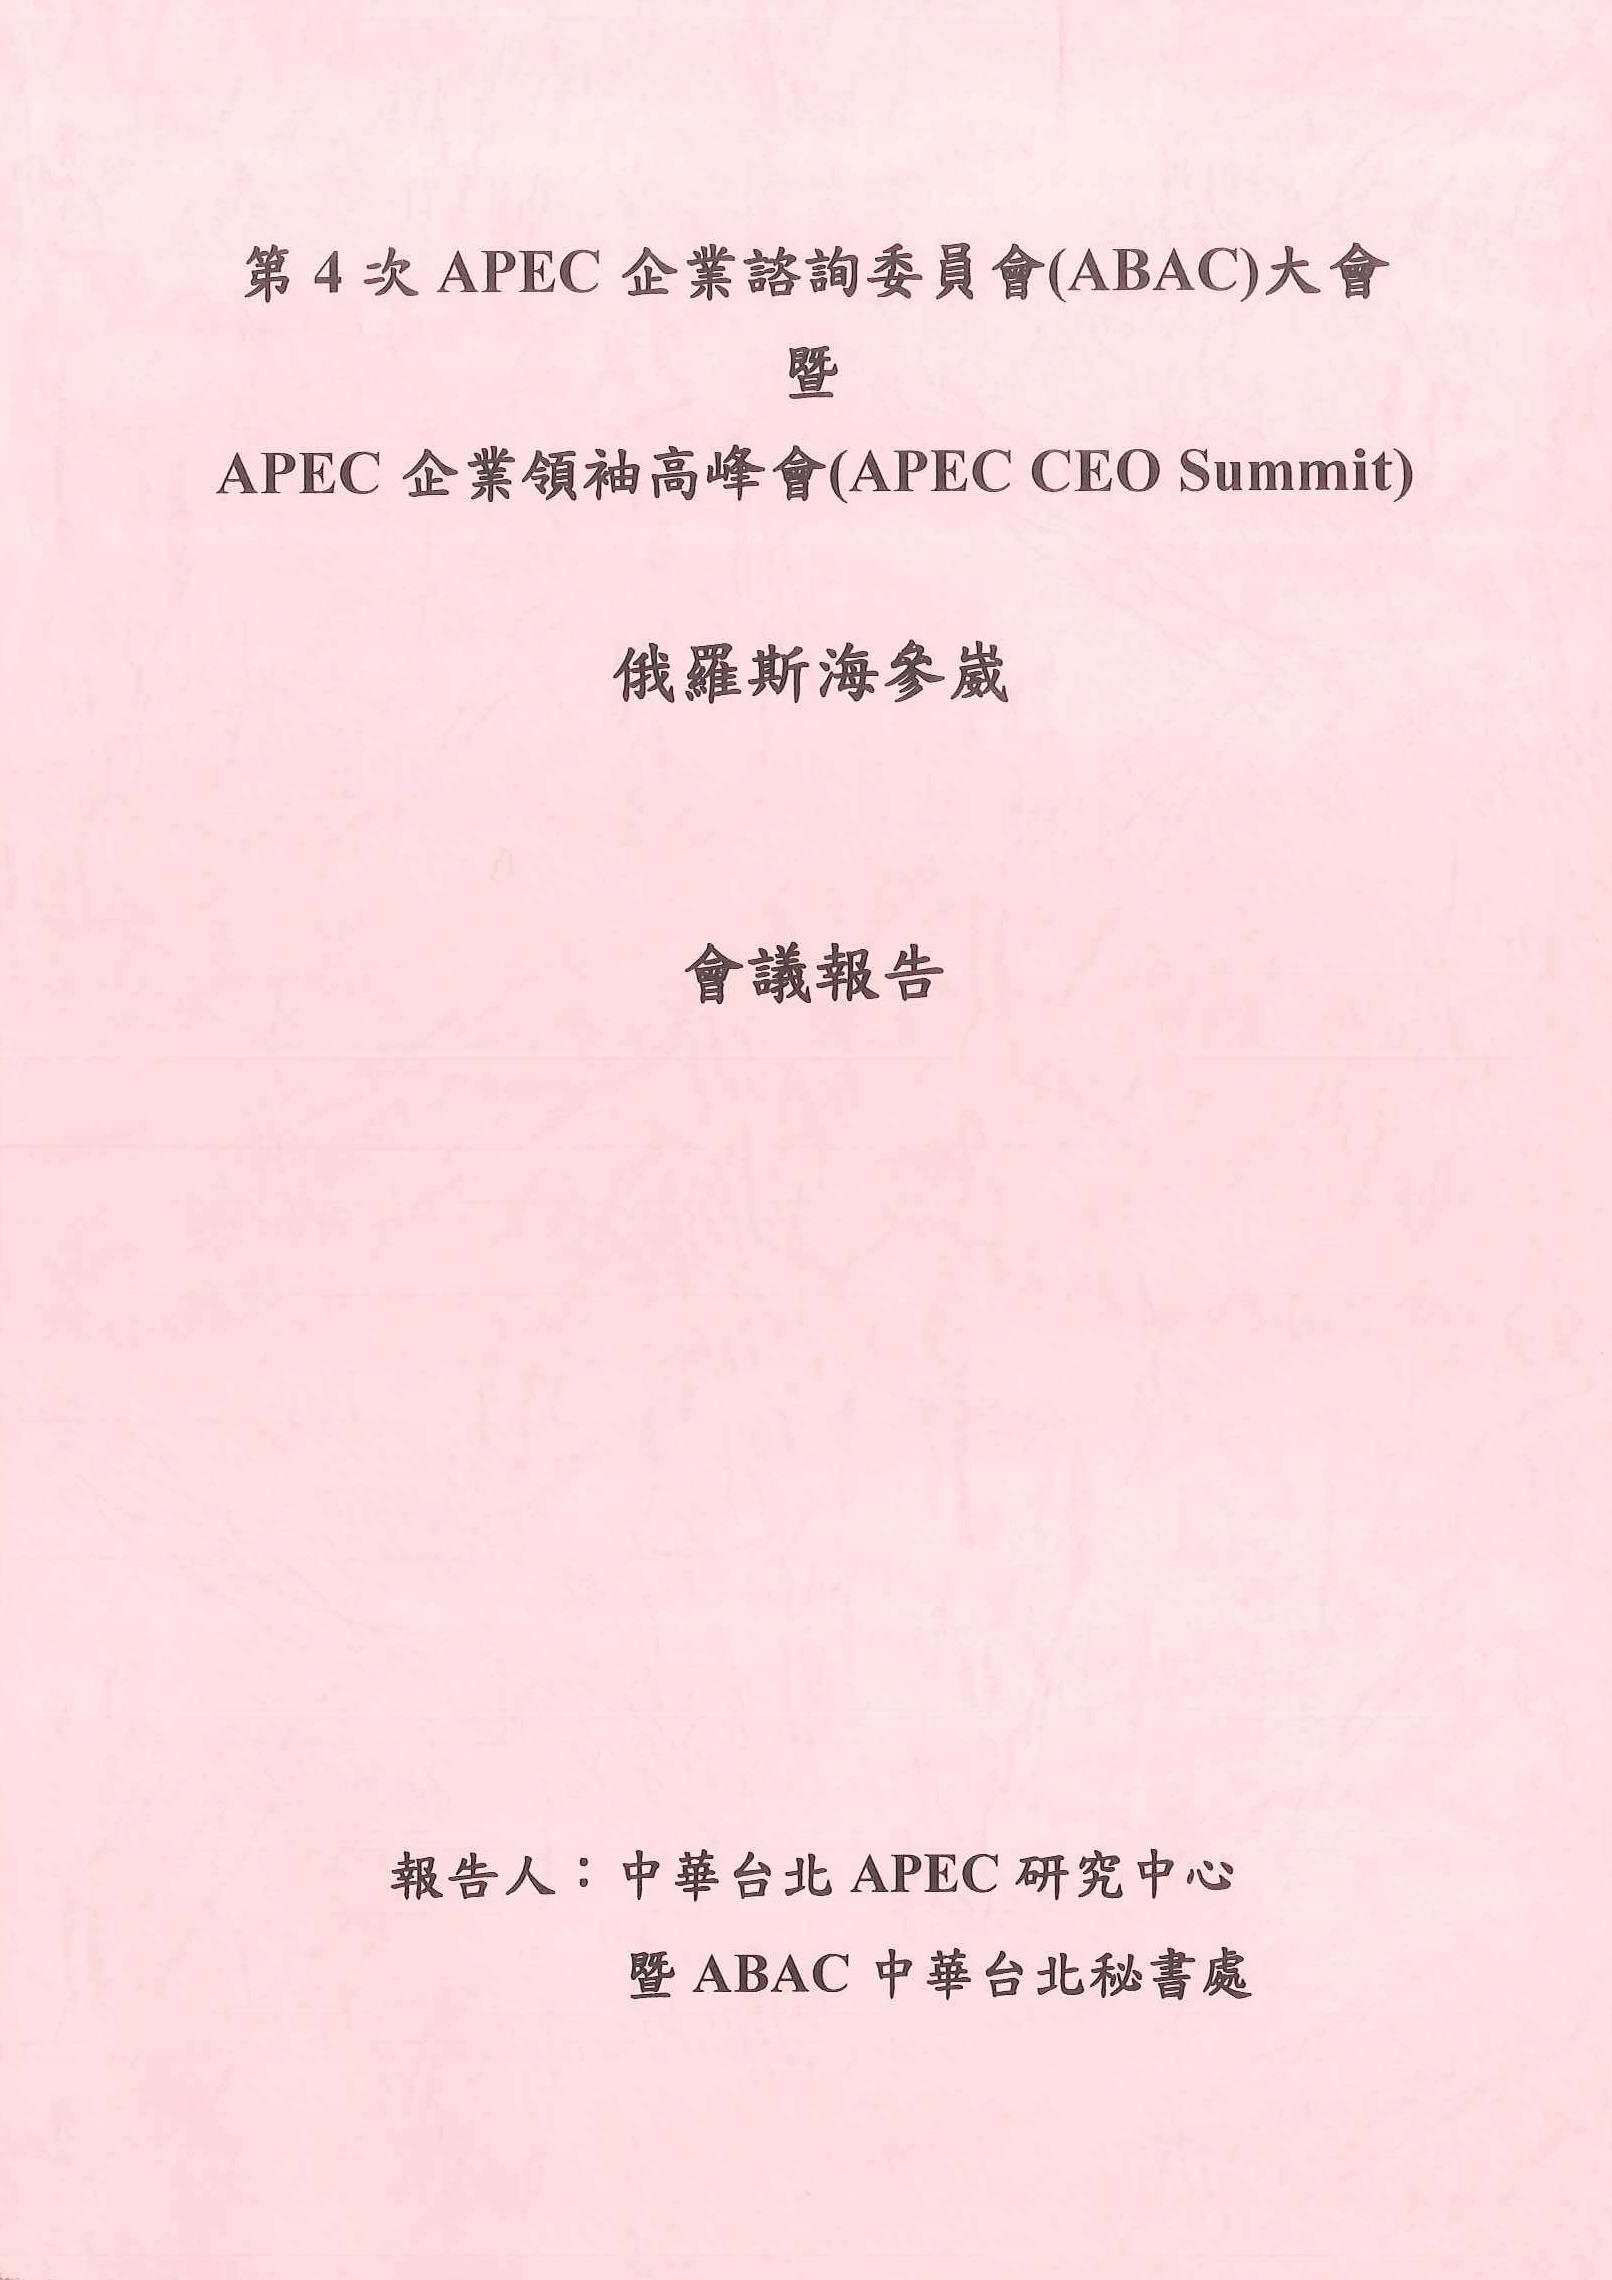 第4次APEC企業諮詢委員會(ABAC)大會暨APEC企業領袖高峰會(APEC CEO Summit)俄羅斯海參崴大會會議報告